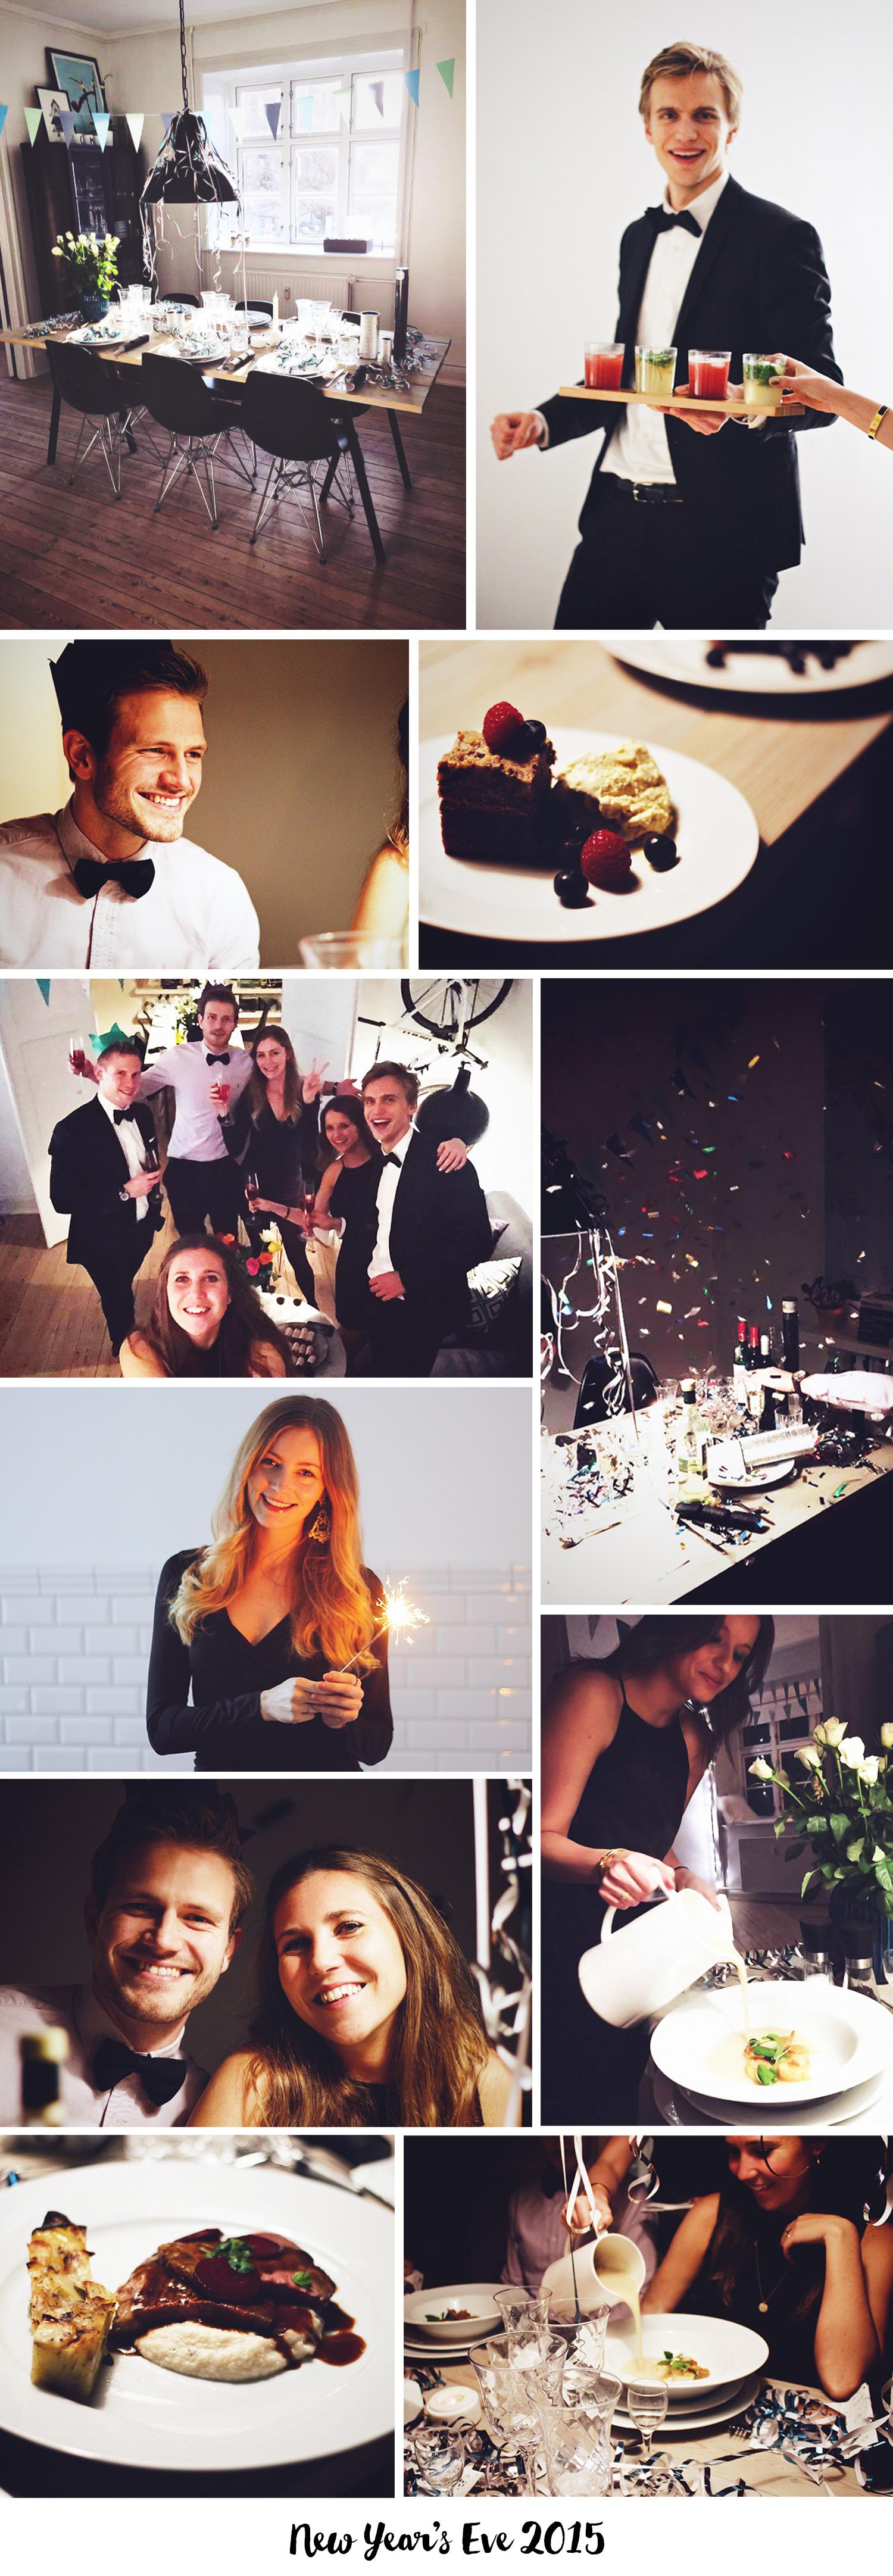 nytårsaften-2015